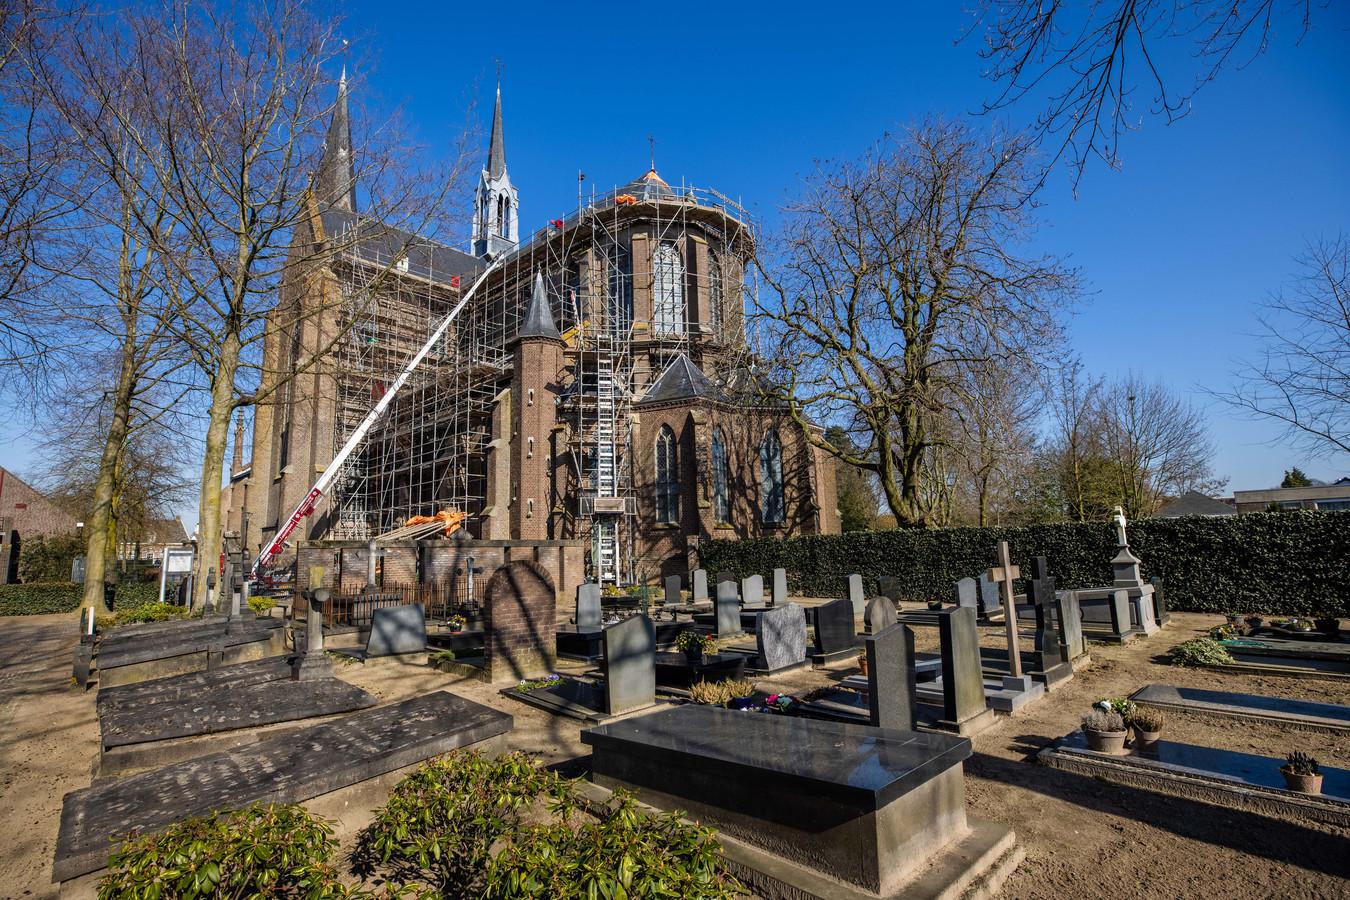 De leien delen van het dak van de St. Jan Geboortekerk in Vlijmen worden vervangen, de kerk staat in de steigers.